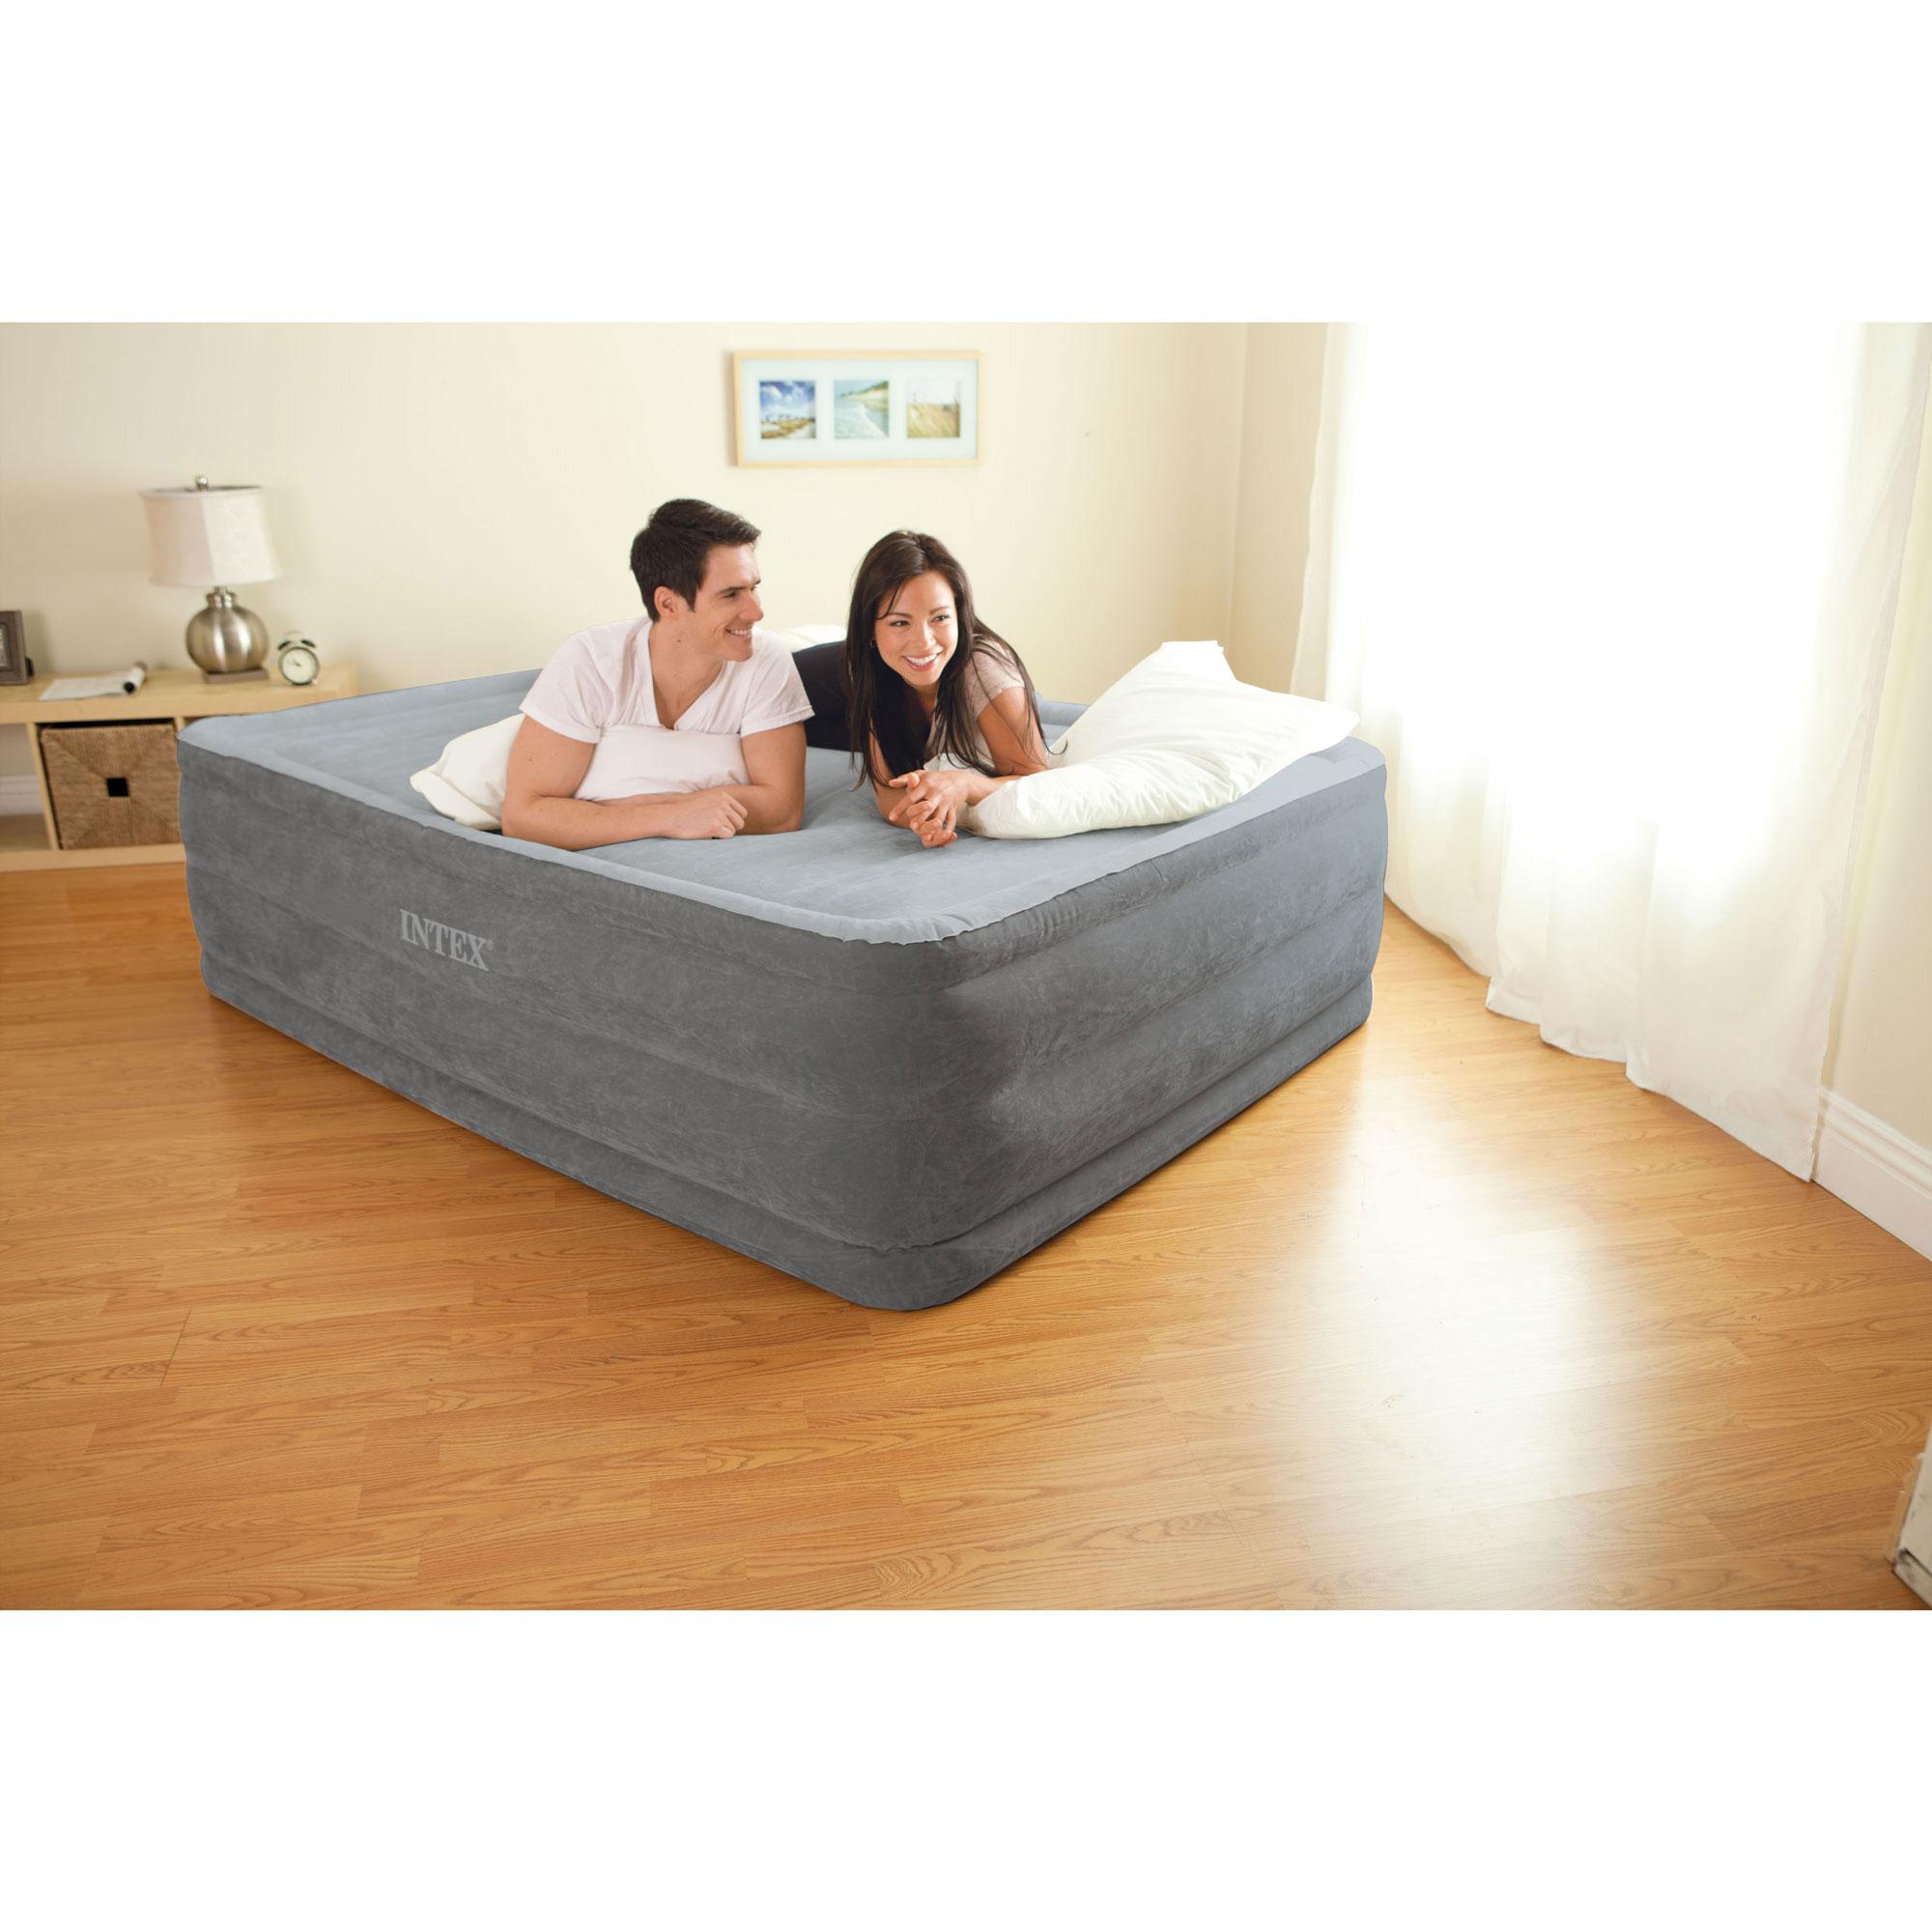 Intex Queen Comfort High Rise Dura-Beam Air Bed Mattress w ...